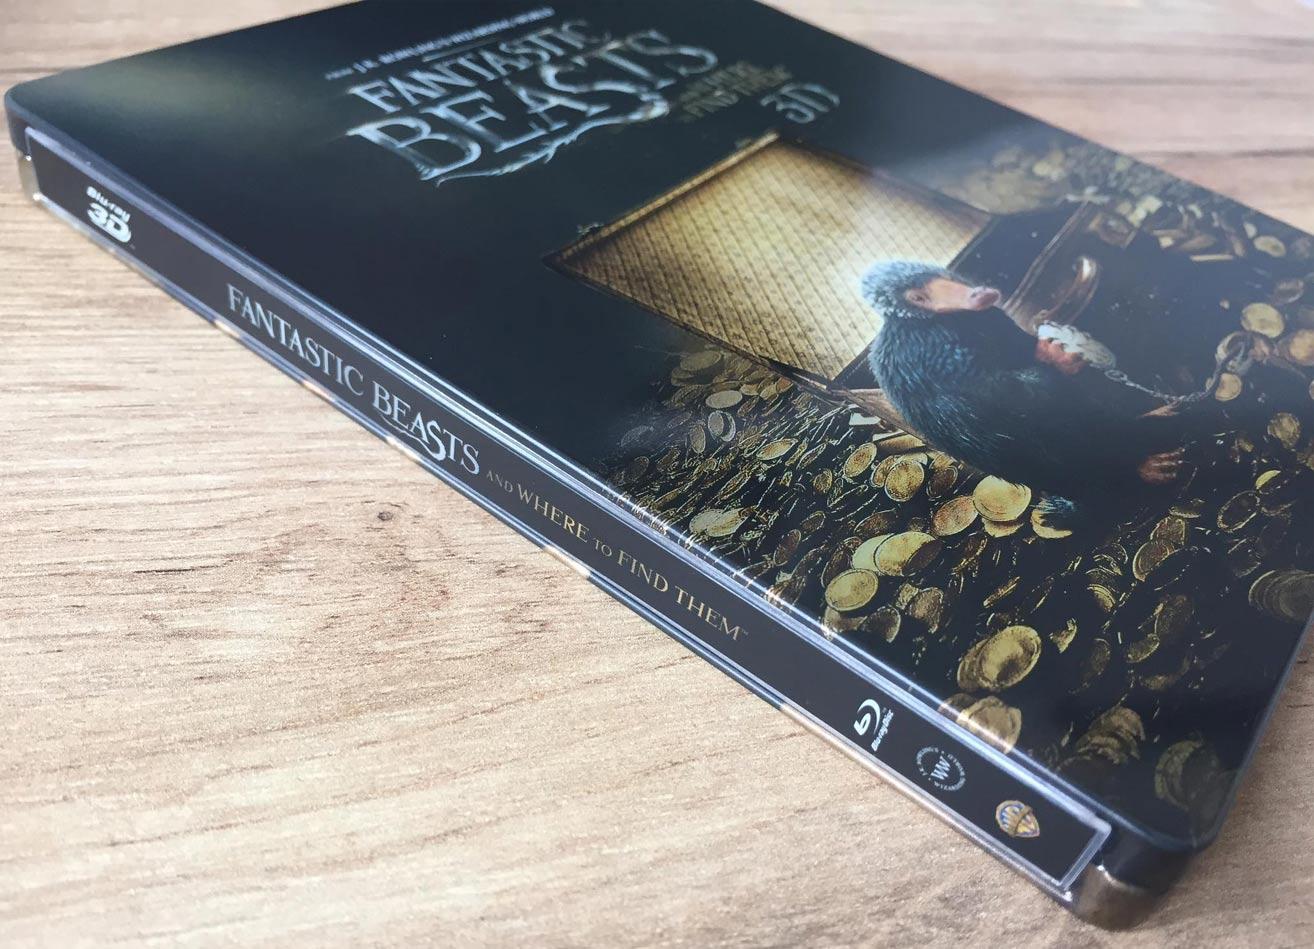 Fantastic-Beasts-steelbook-filmarena 2